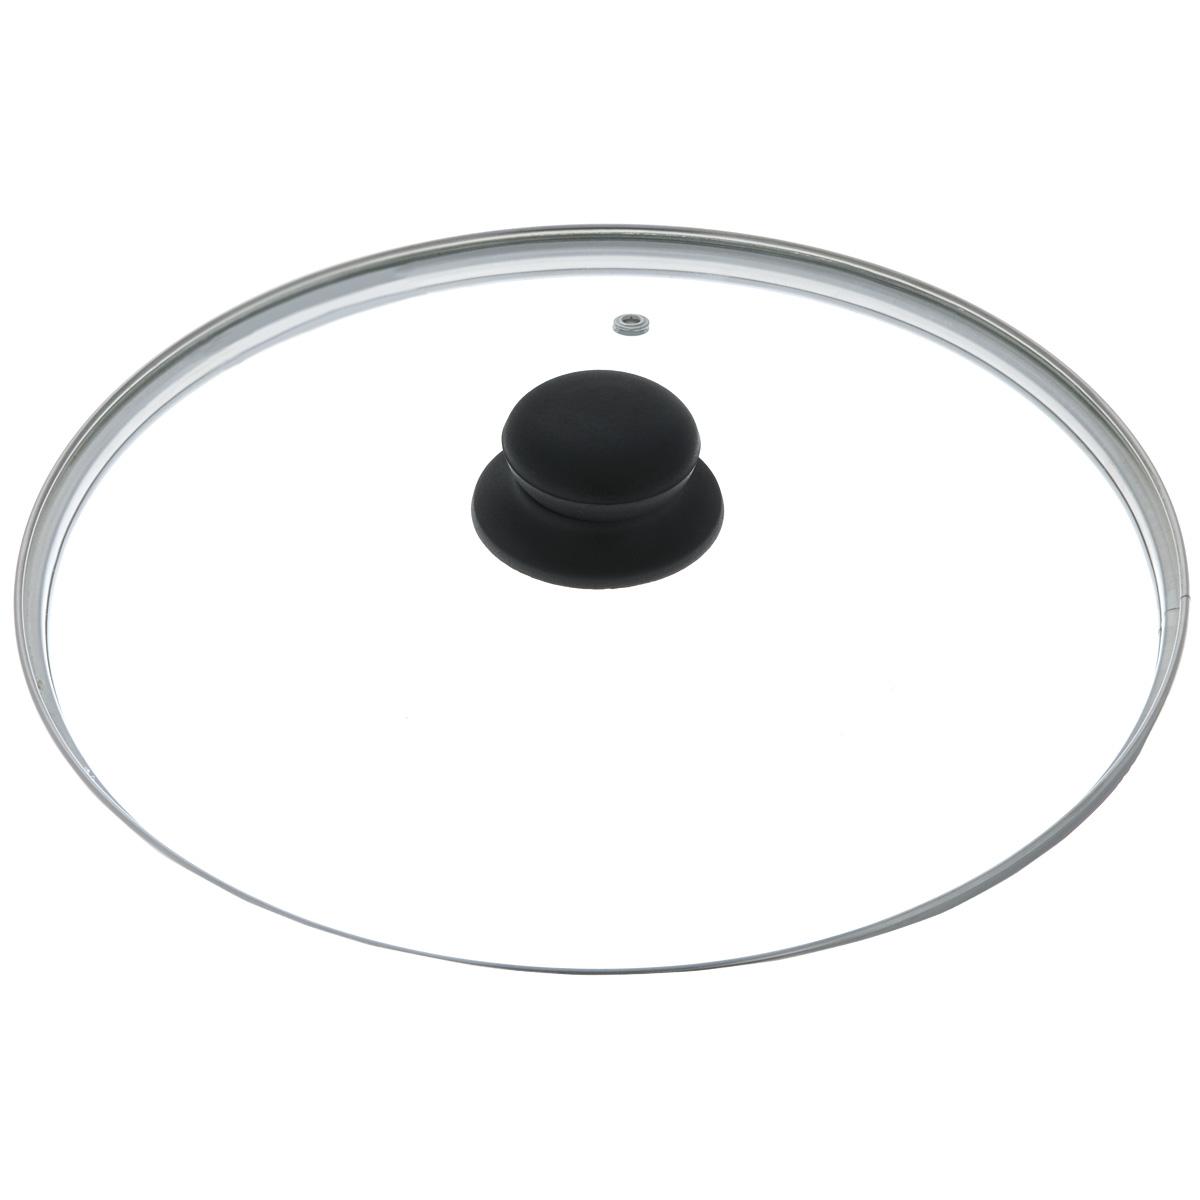 Крышка стеклянная, диаметр 28 см4628нКрышка изготовлена из термостойкого стекла. Обод, выполненный из высококачественной нержавеющей стали, защищает крышку от повреждений, а ручка, выполненная из термостойкого пластика, защищает ваши руки от высоких температур. Изделие оснащено пароотводом. Крышка удобна в использовании и позволяет контролировать процесс приготовления пищи без потери тепла.Можно мыть в посудомоечной машине.